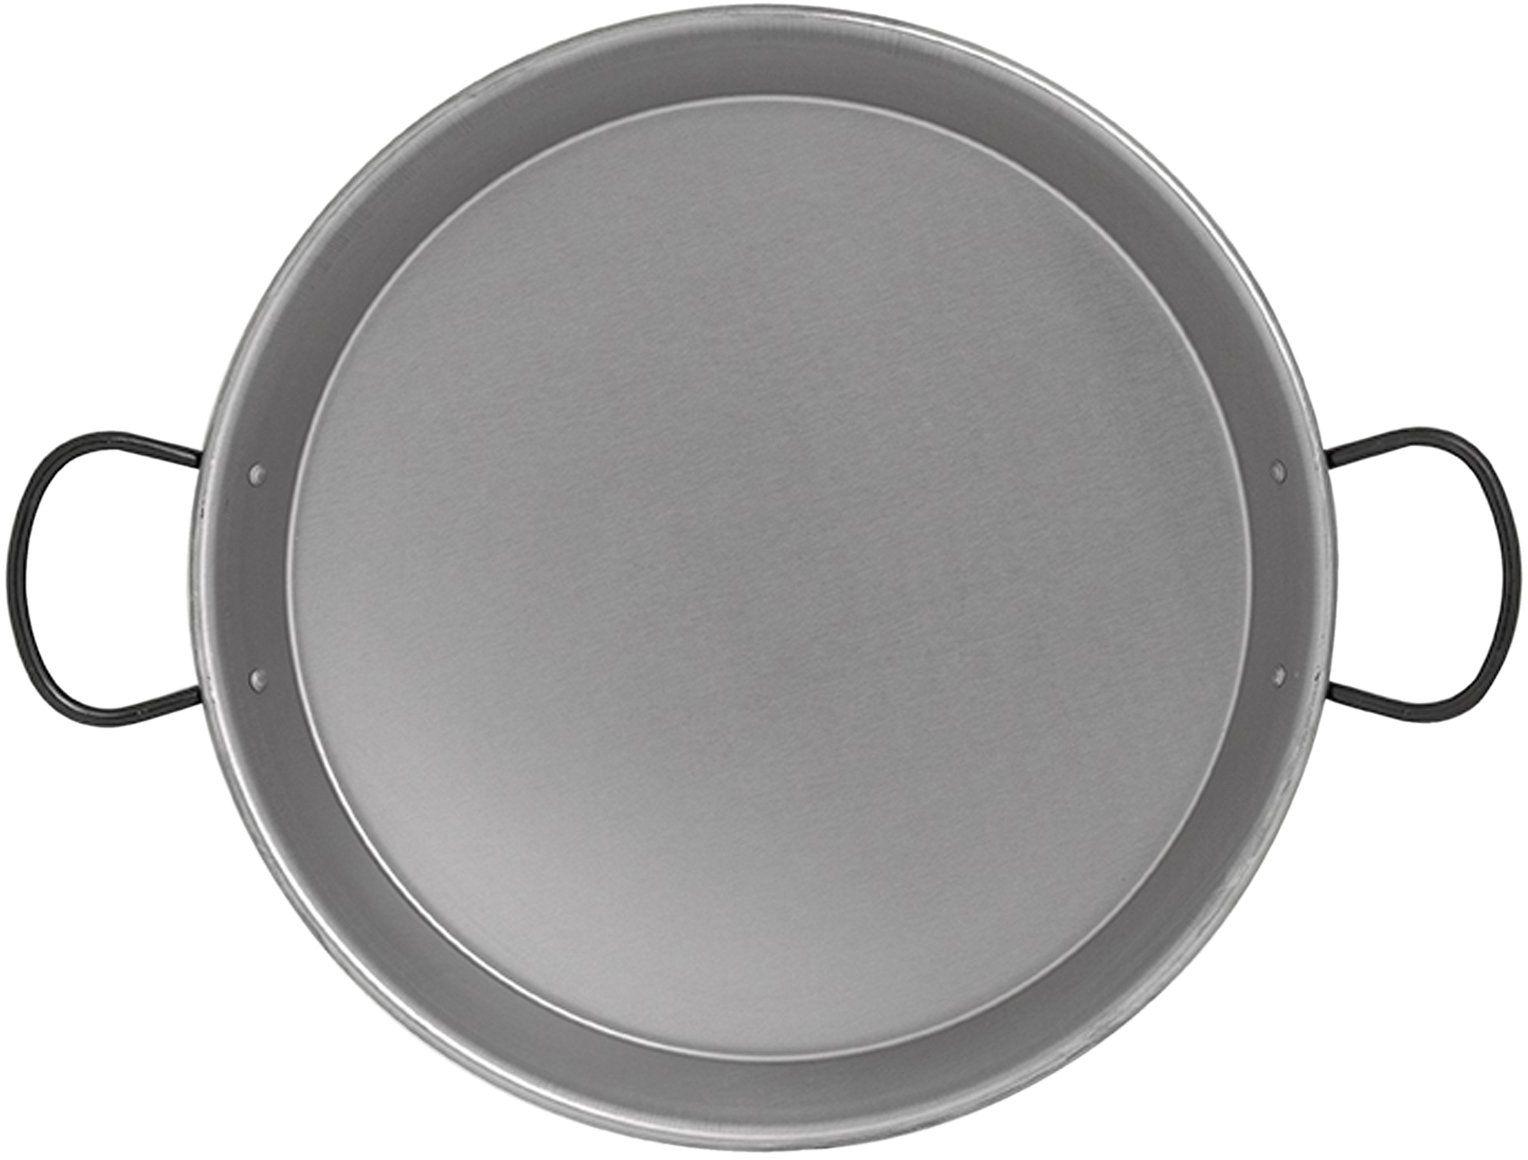 Imex El Zorro 63043 polerowana patelnia Paella do kuchenek indukcyjnych, 36 cm